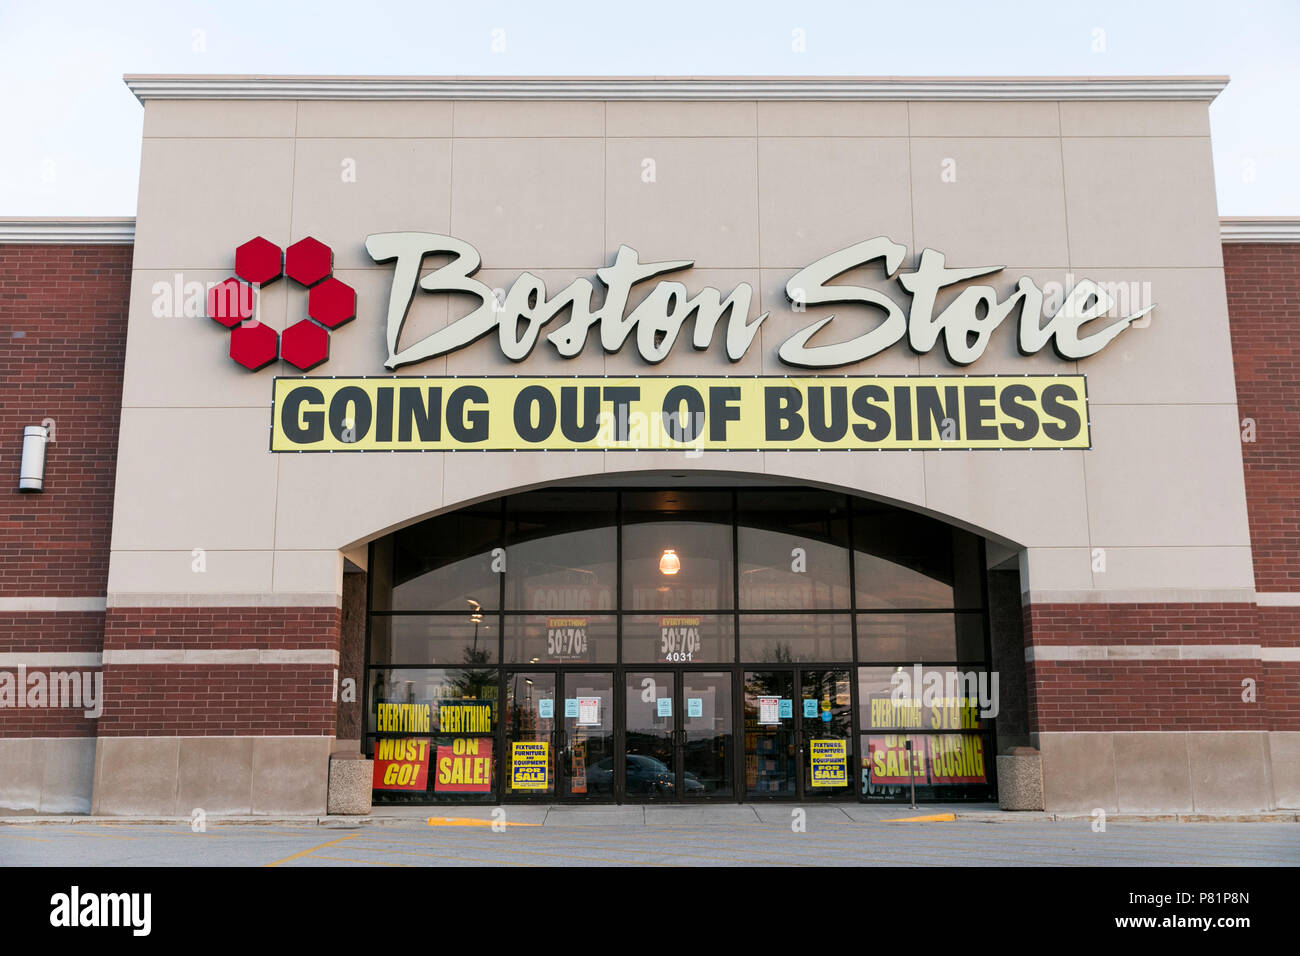 """Un logotipo firmar y """"Salir de negocio"""" fuera de un banner Boston Store Tienda minorista en Sheboygan, Wisconsin, el 24 de junio de 2018. Imagen De Stock"""